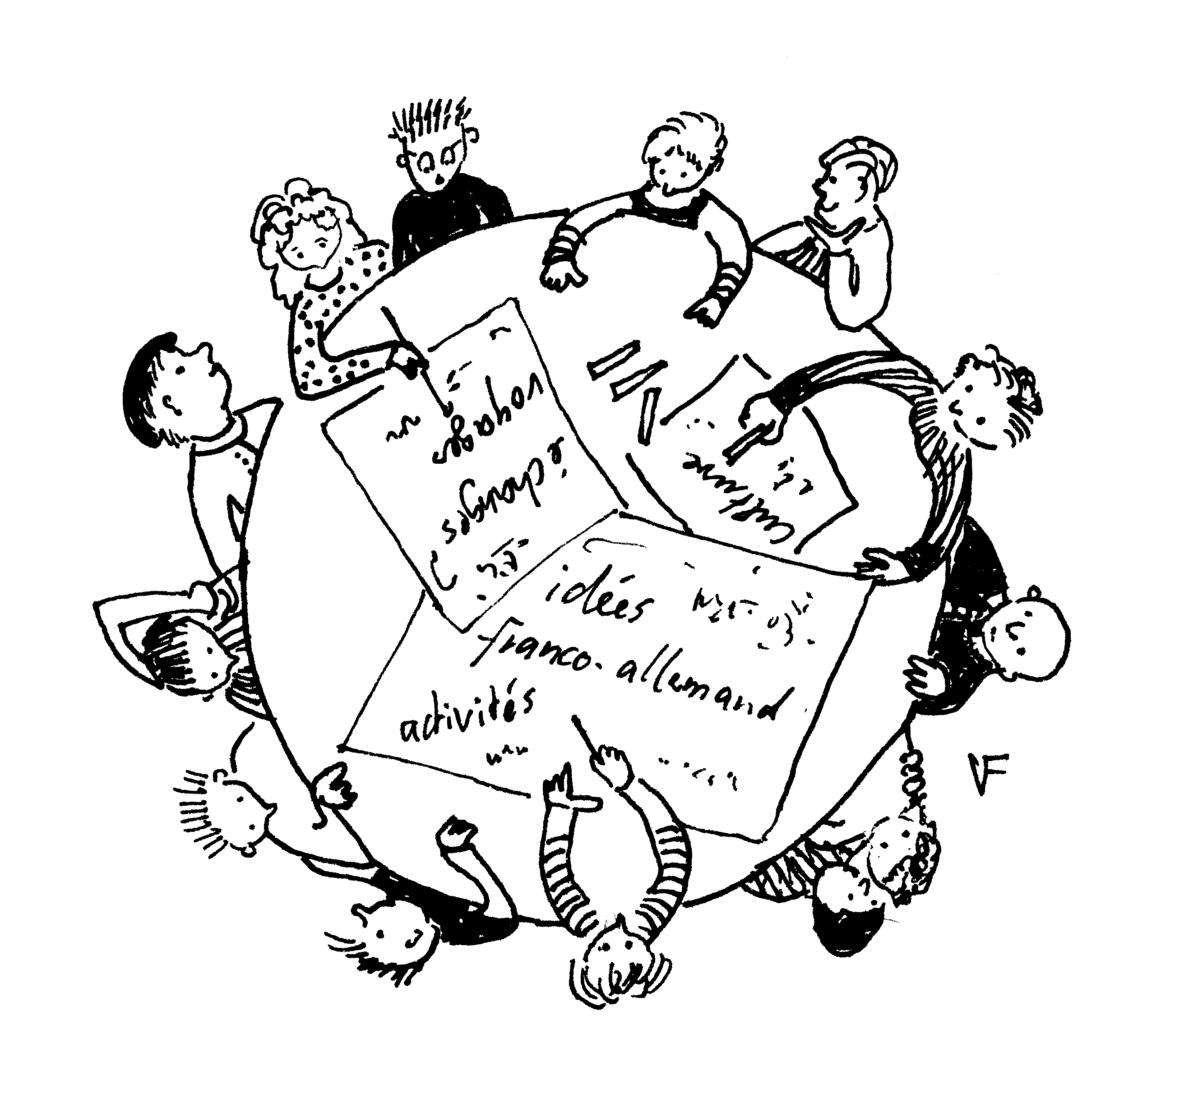 """Table Ronde spéciale - édition """"101 idées pour l'amititié franco-allemande"""""""